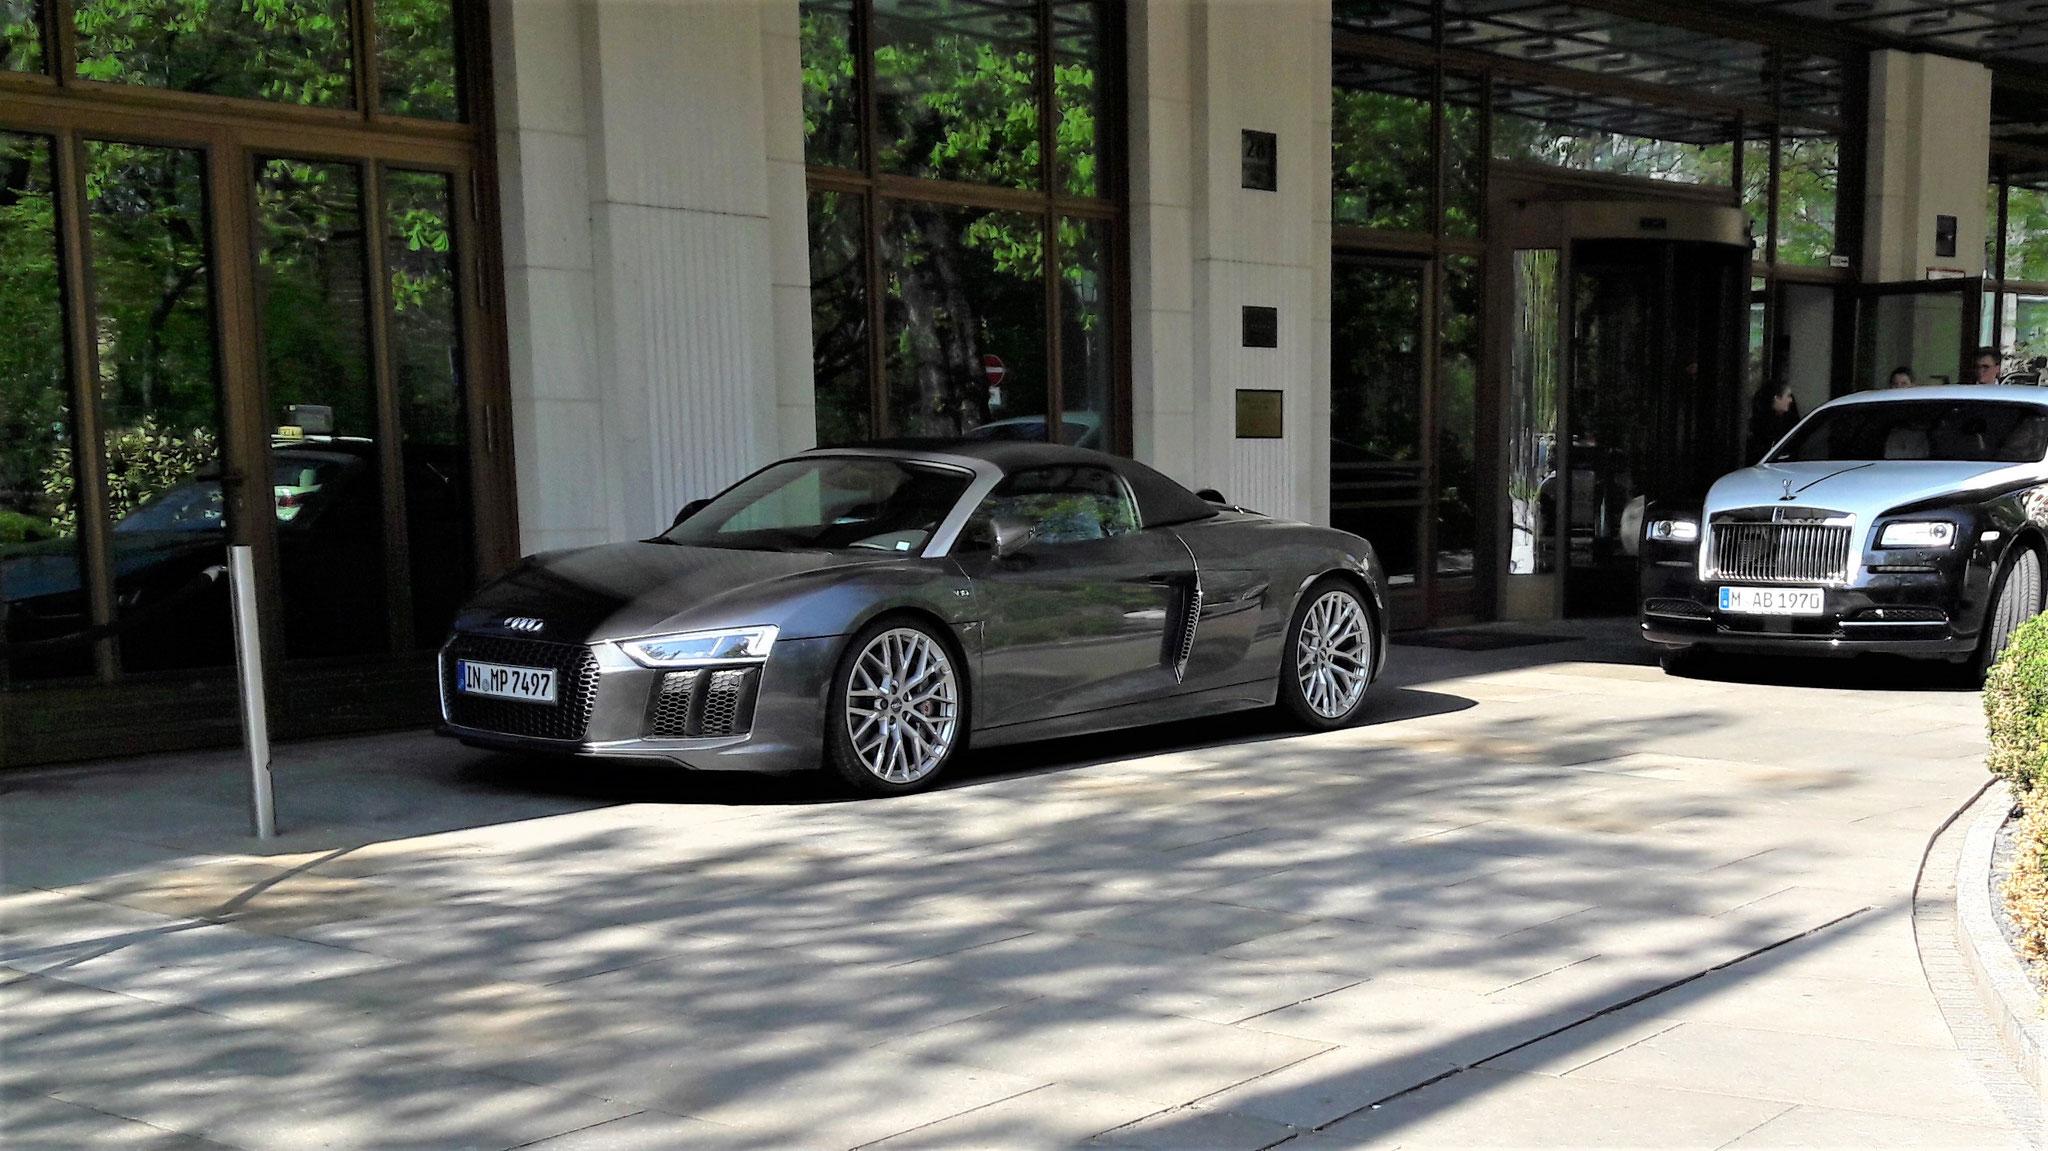 Audi R8 V10 Spyder - IN-MP-7497